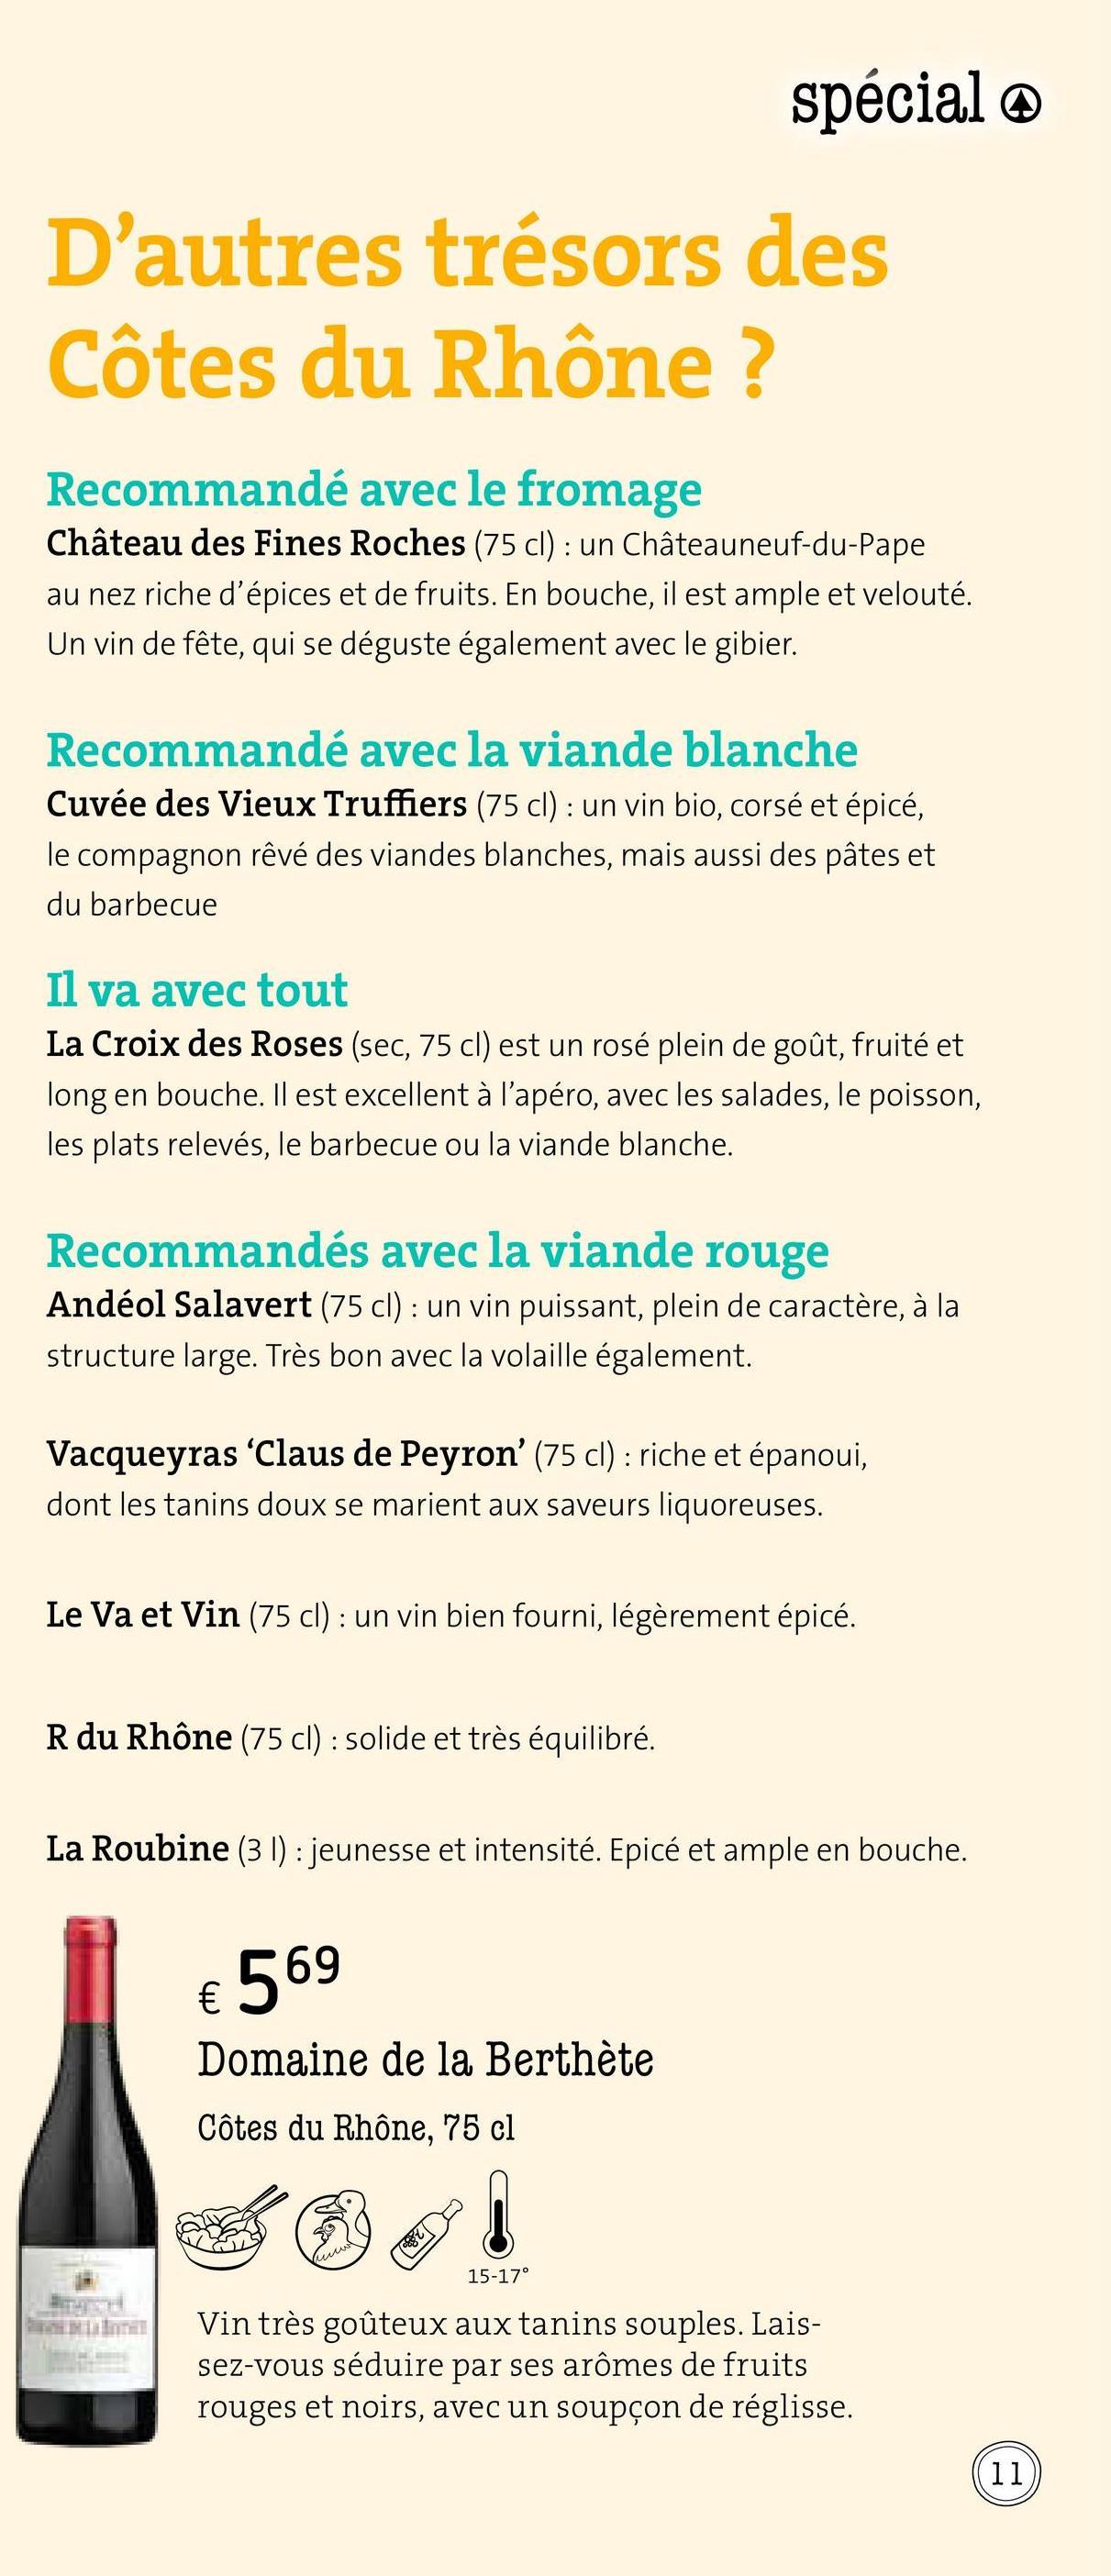 spécial @ D'autres trésors des Côtes du Rhône ? Recommandé avec le fromage Château des Fines Roches (75 cl) : un Châteauneuf-du-Pape au nez riche d'épices et de fruits. En bouche, il est ample et velouté. Un vin de fête, qui se déguste également avec le gibier. Recommandé avec la viande blanche Cuvée des Vieux Truffiers (75 cl) : un vin bio, corsé et épicé, le compagnon rêvé des viandes blanches, mais aussi des pâtes et du barbecue Il va avec tout La Croix des Roses (sec, 75 cl) est un rosé plein de goût, fruité et long en bouche. Il est excellent à l'apéro, avec les salades, le poisson, les plats relevés, le barbecue ou la viande blanche. Recommandés avec la viande rouge Andéol Salavert (75 cl) : un vin puissant, plein de caractère, à la structure large. Très bon avec la volaille également. Vacqueyras 'Claus de Peyron' (75 cl) : riche et épanoui, dont les tanins doux se marient aux saveurs liquoreuses. Le Va et Vin (75 cl) : un vin bien fourni, légèrement épicé. R du Rhône (75 cl) : solide et très équilibré. La Roubine (31) : jeunesse et intensité. Epicé et ample en bouche. € 569 Domaine de la Berthète Côtes du Rhône, 75 cl SO 15-17° Vin très goûteux aux tanins souples. Lais- sez-vous séduire par ses arômes de fruits rouges et noirs, avec un soupçon de réglisse.